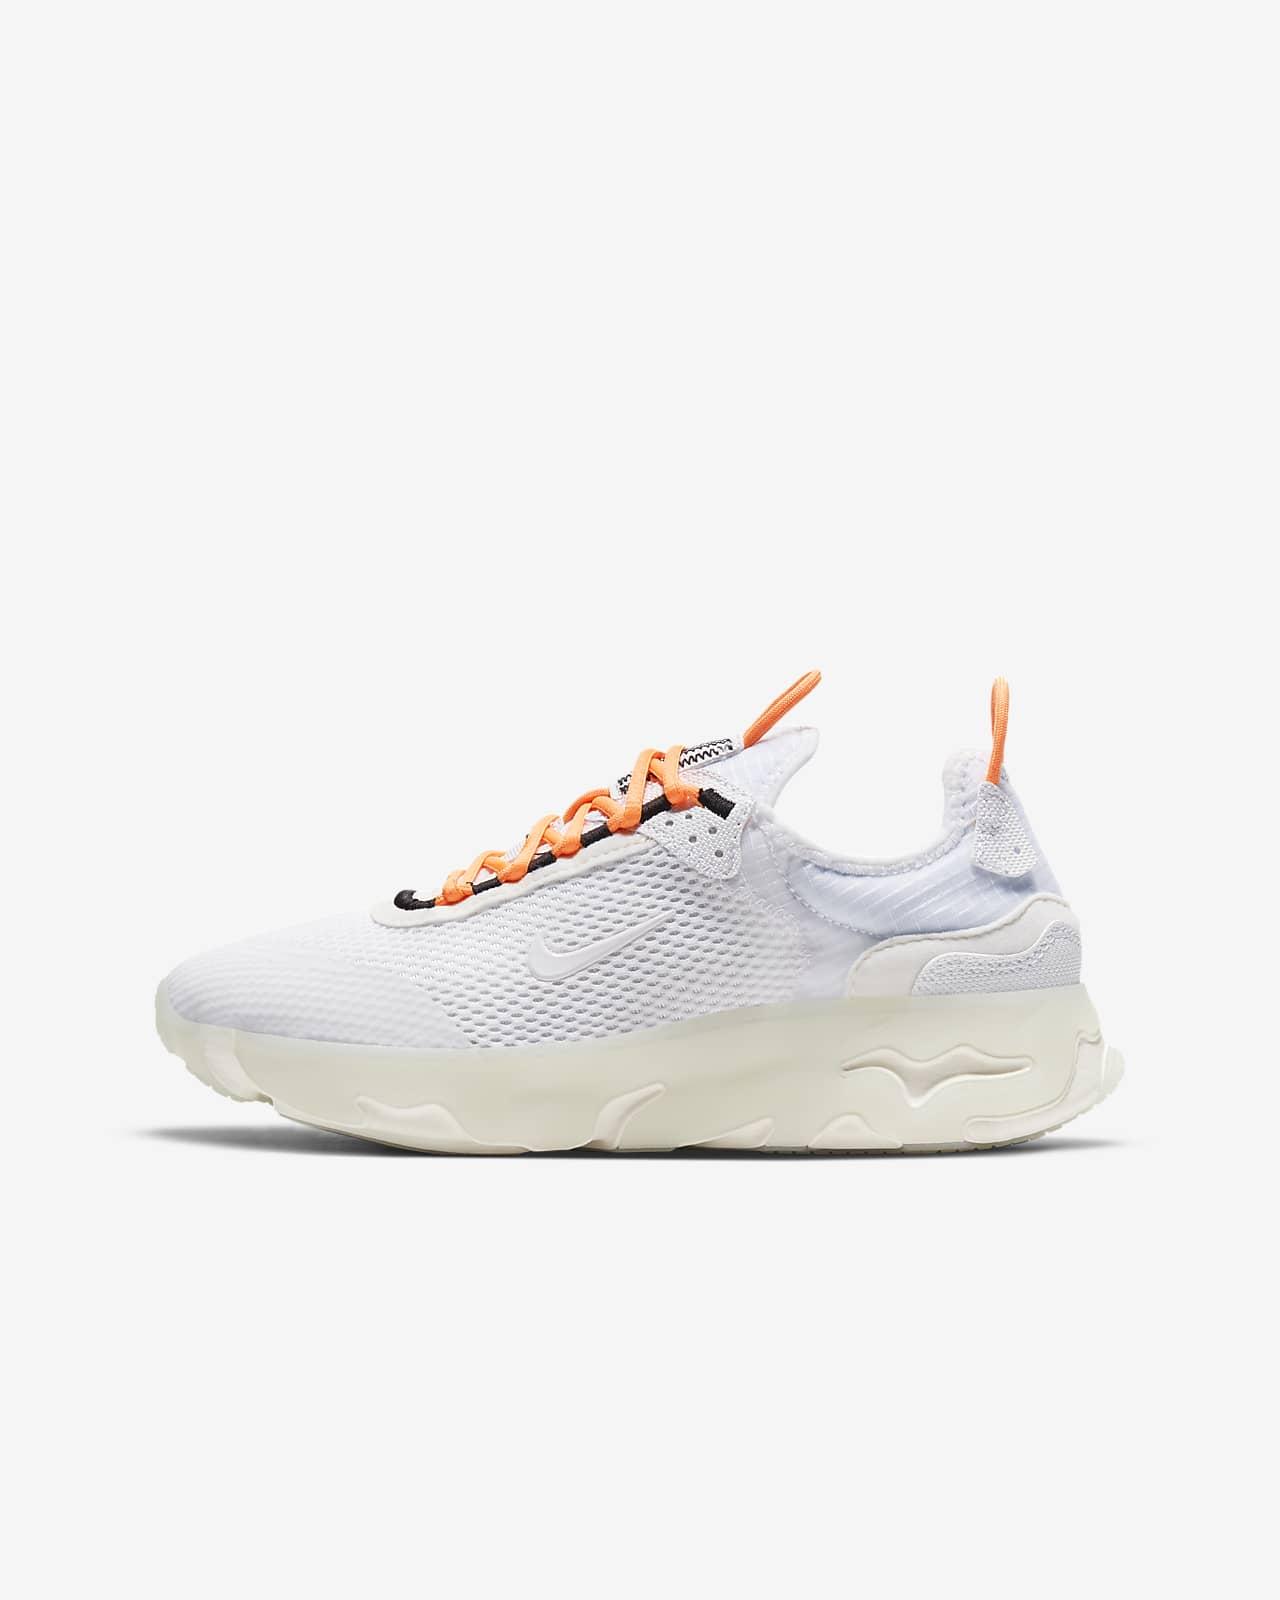 Nike React Live Genç Çocuk Ayakkabısı